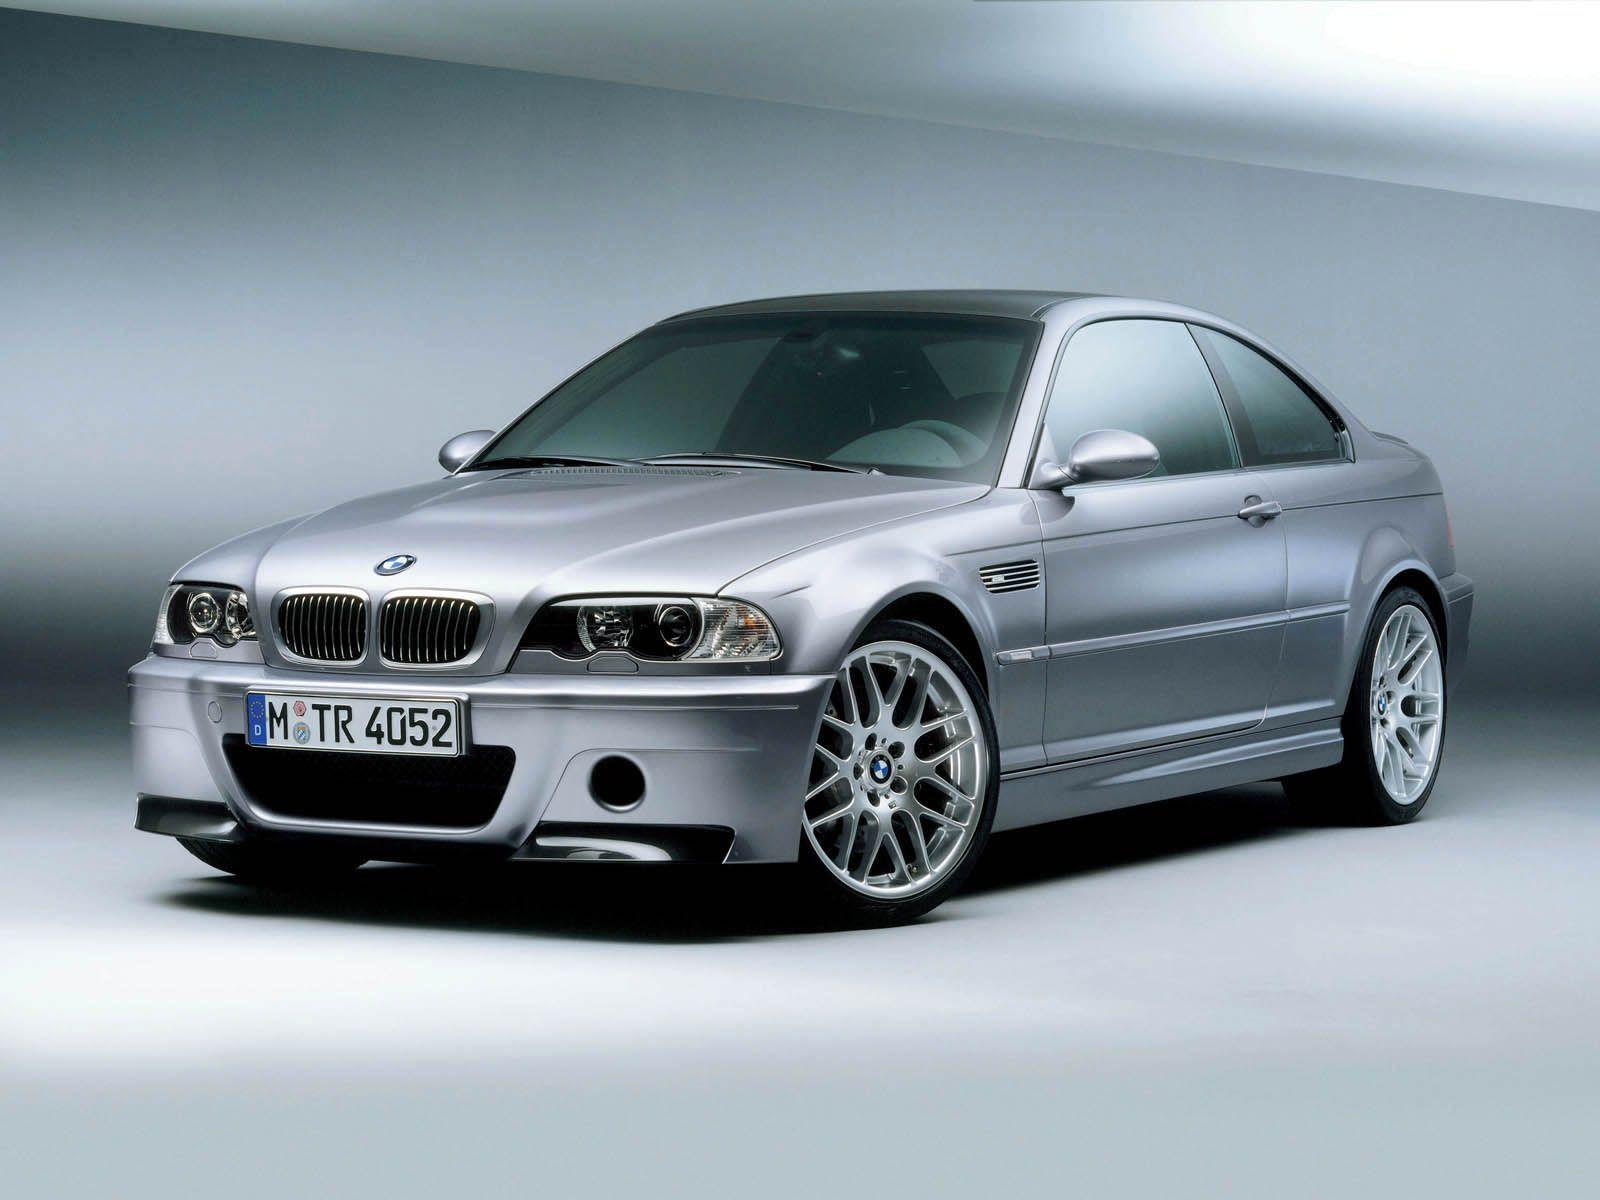 http://s2.blomedia.pl/autokult.pl/images/2011/04/BMW-M3-CSL.jpg